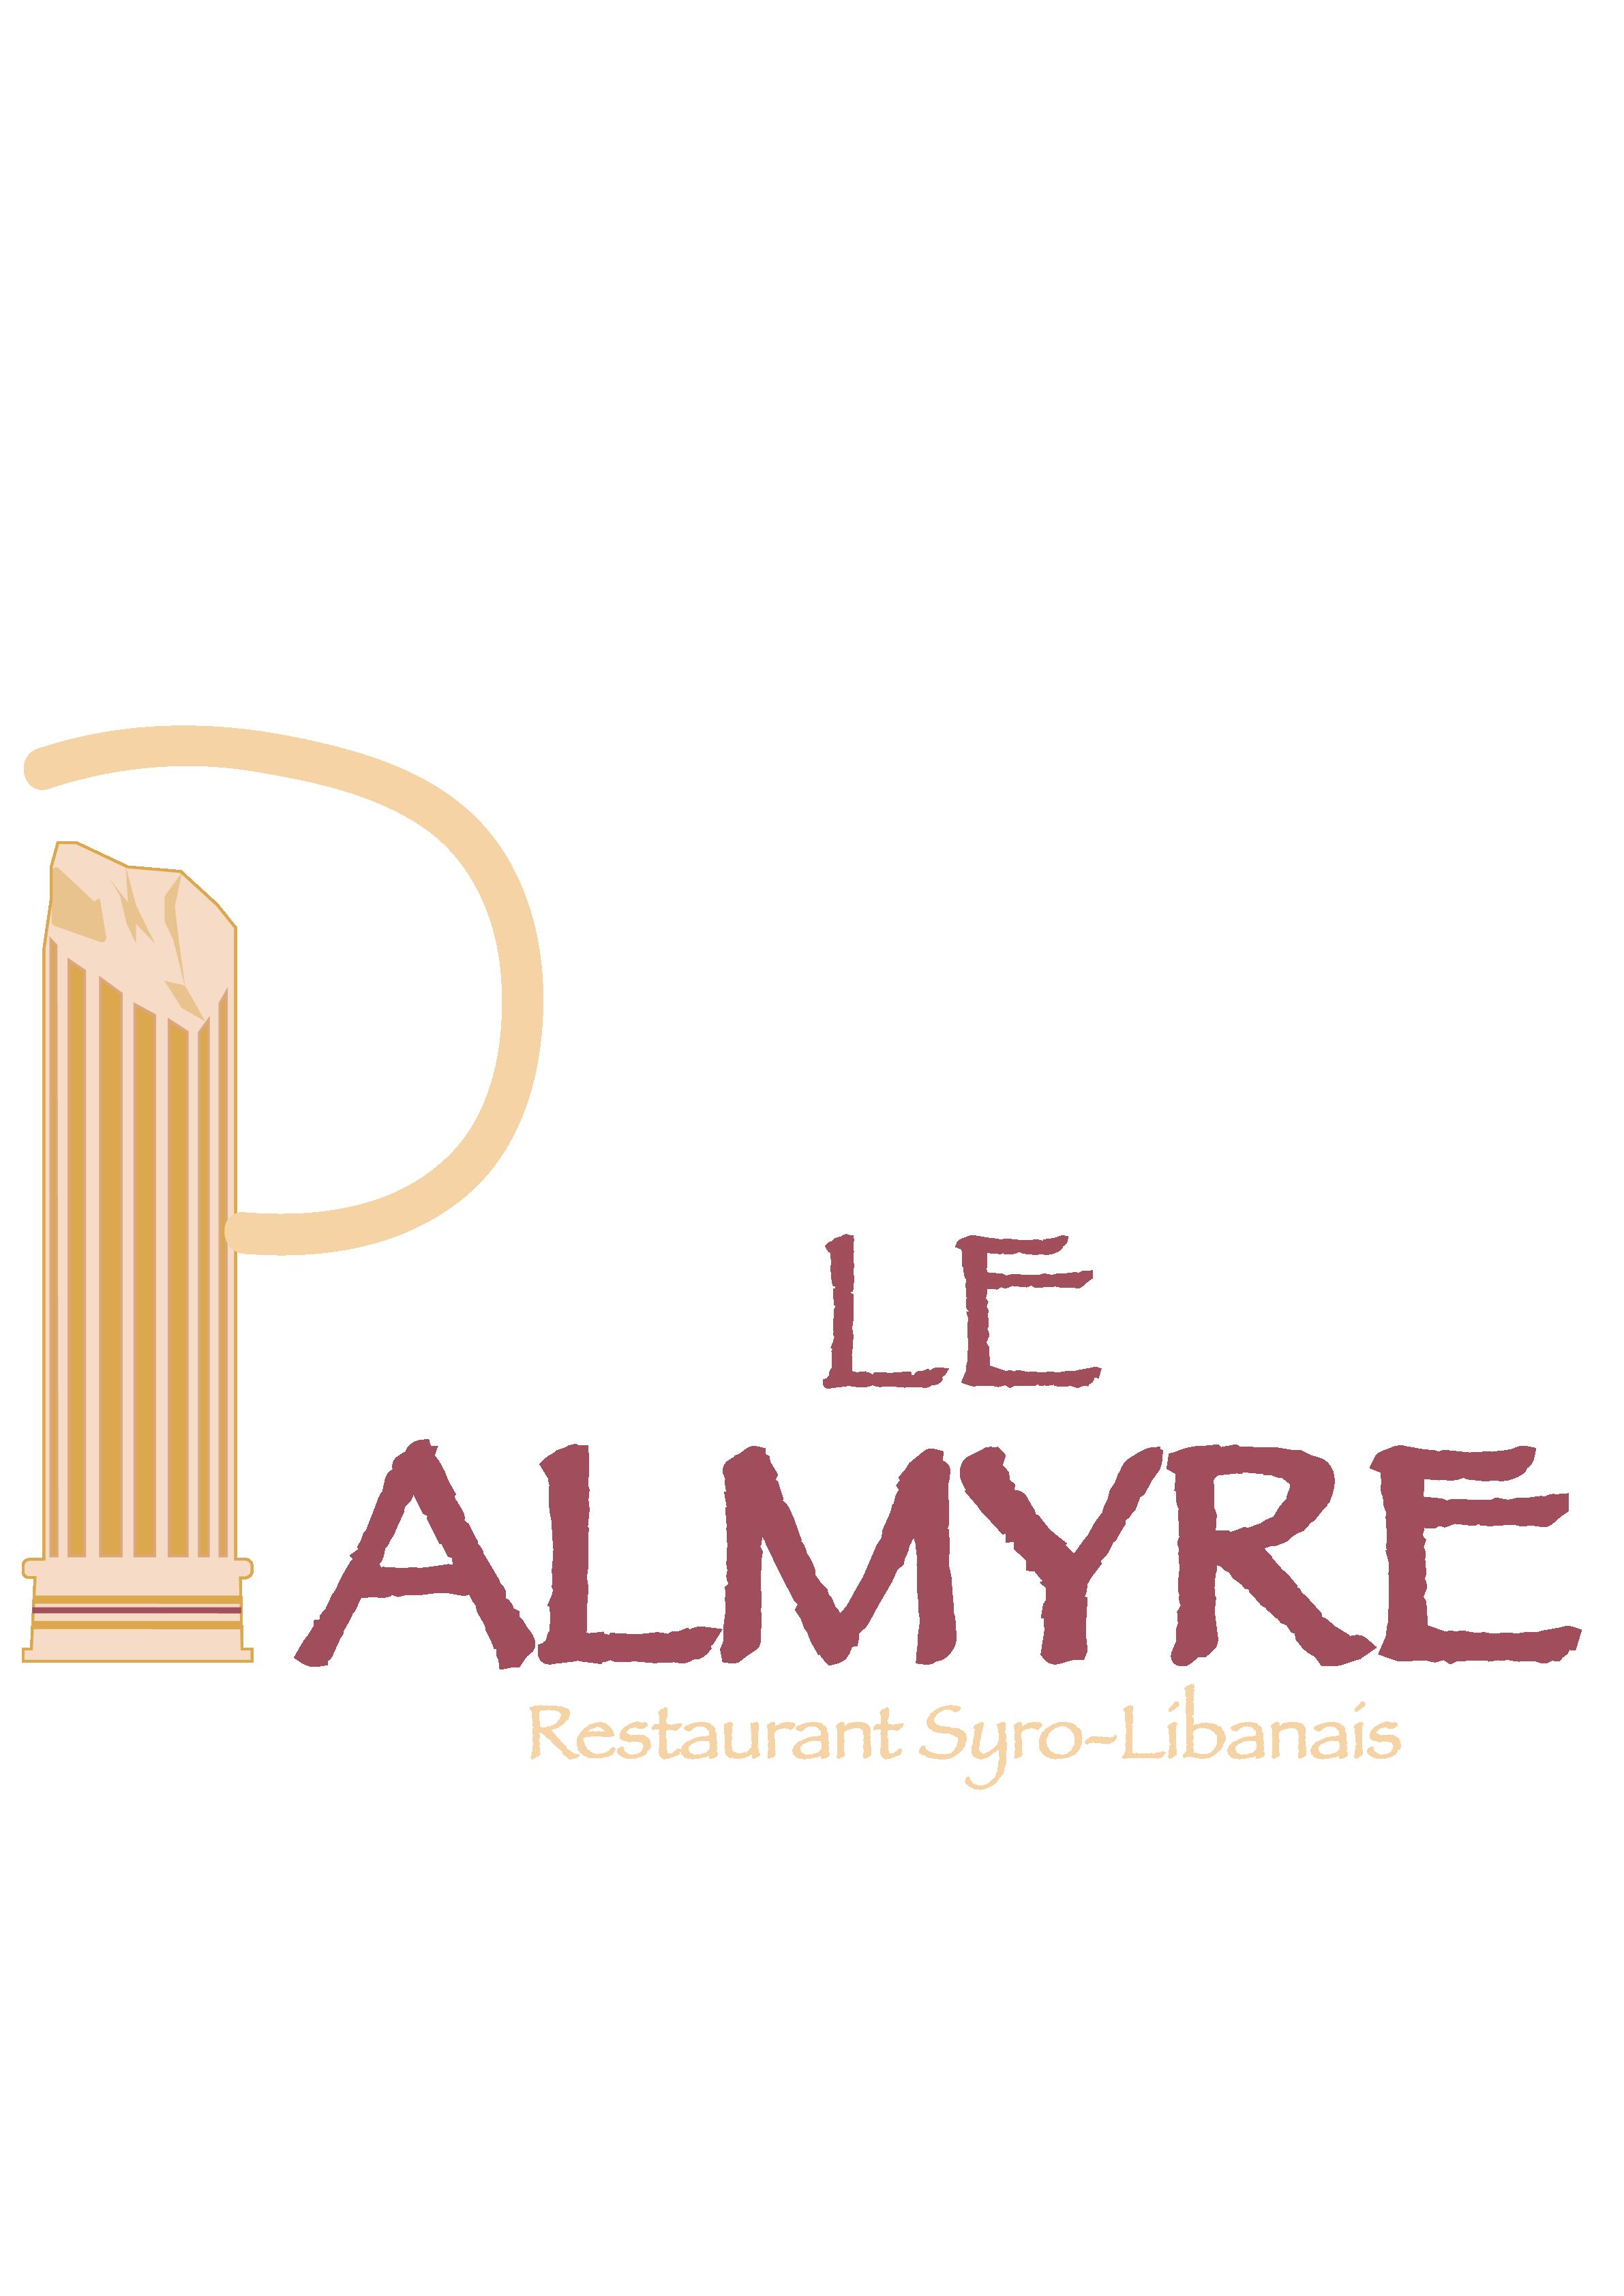 Le Palmyre